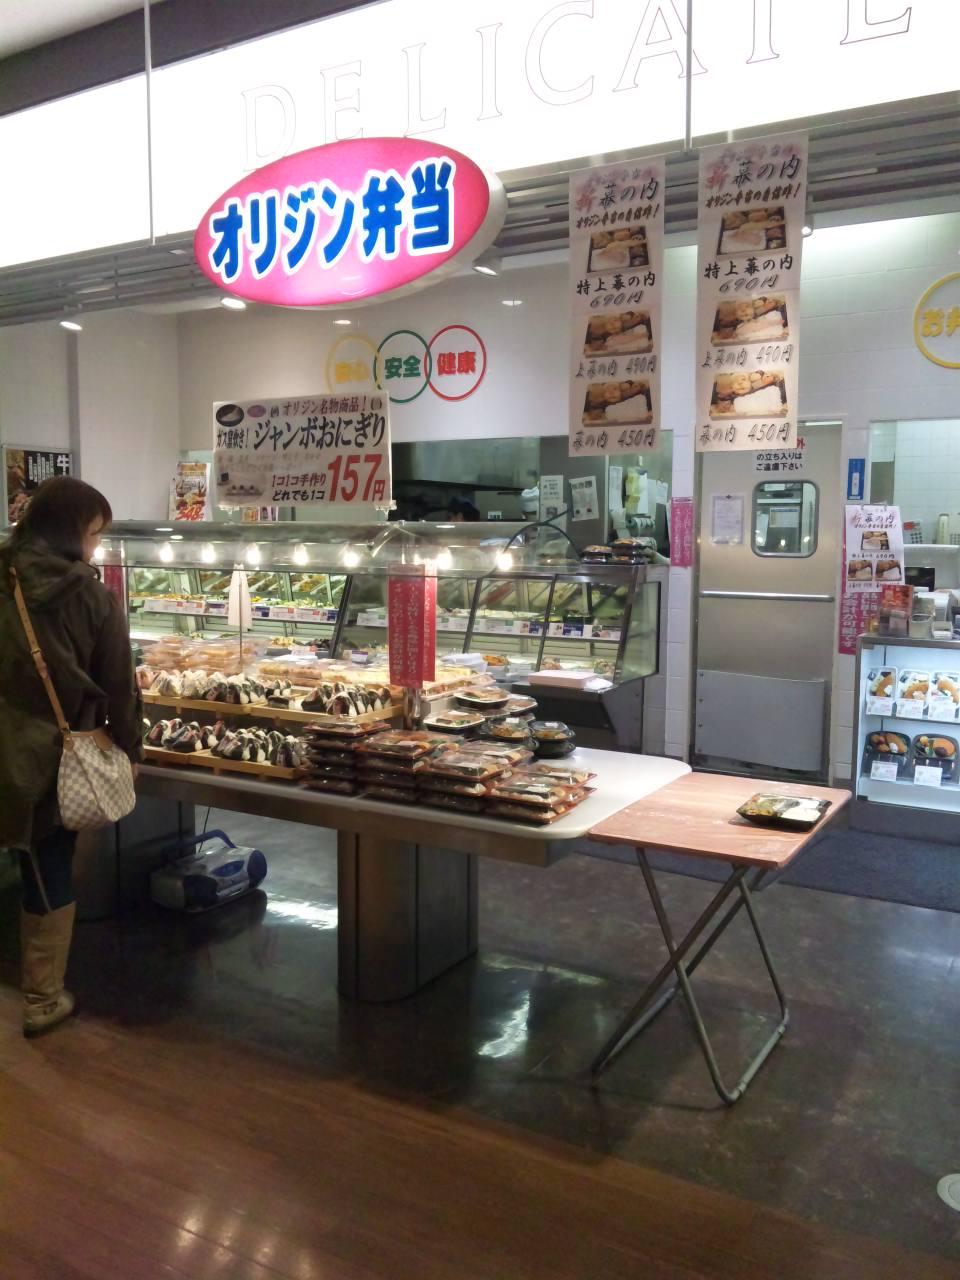 オリジン弁当 イオン茨木店